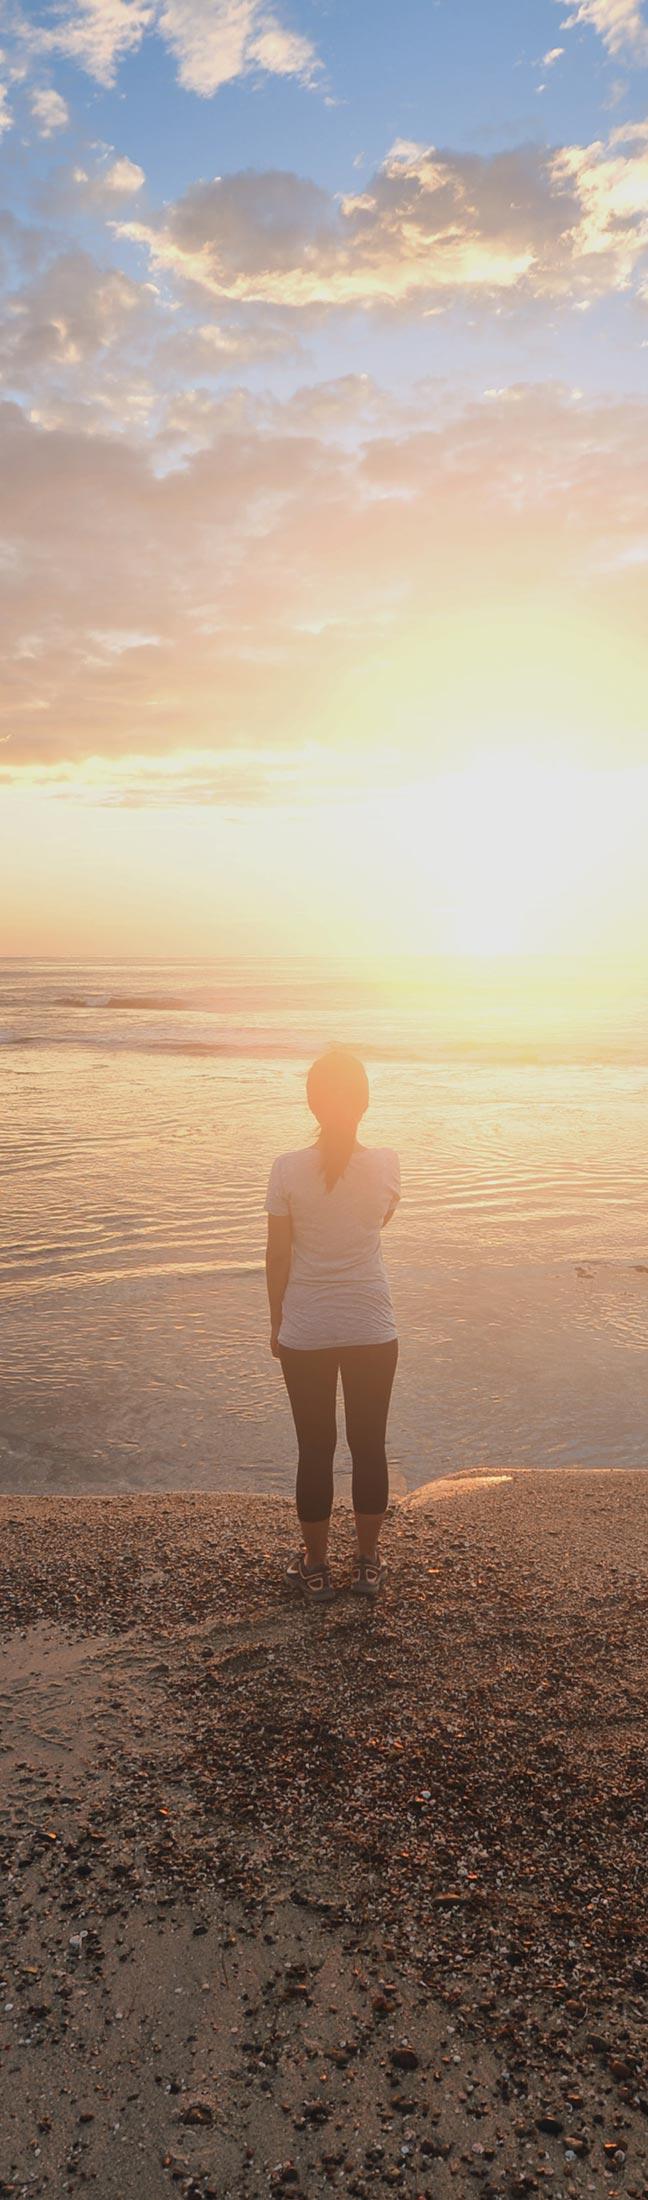 Sunrise at a beach